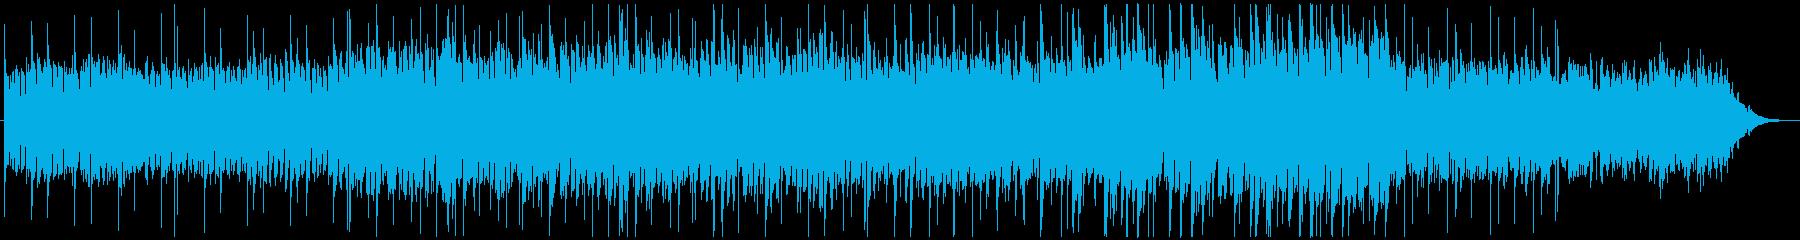 ゆったりとしたピアノヒーリングの再生済みの波形